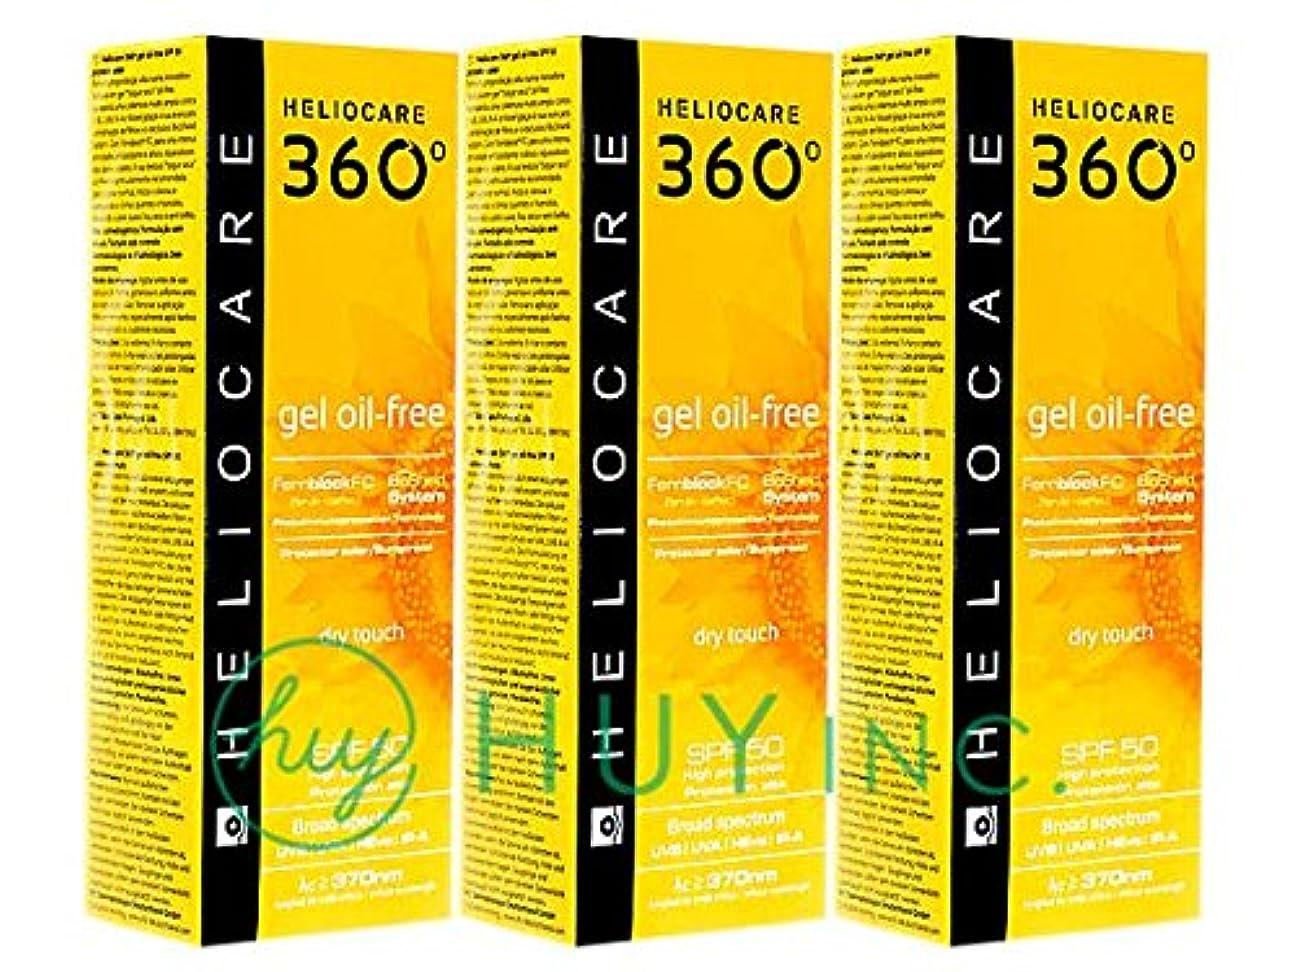 ヘリオケア 360°ジェルオイルフリー(Heliocare360GelOil-Free)SPF50 3ボトル(50ml×3) [並行輸入品]